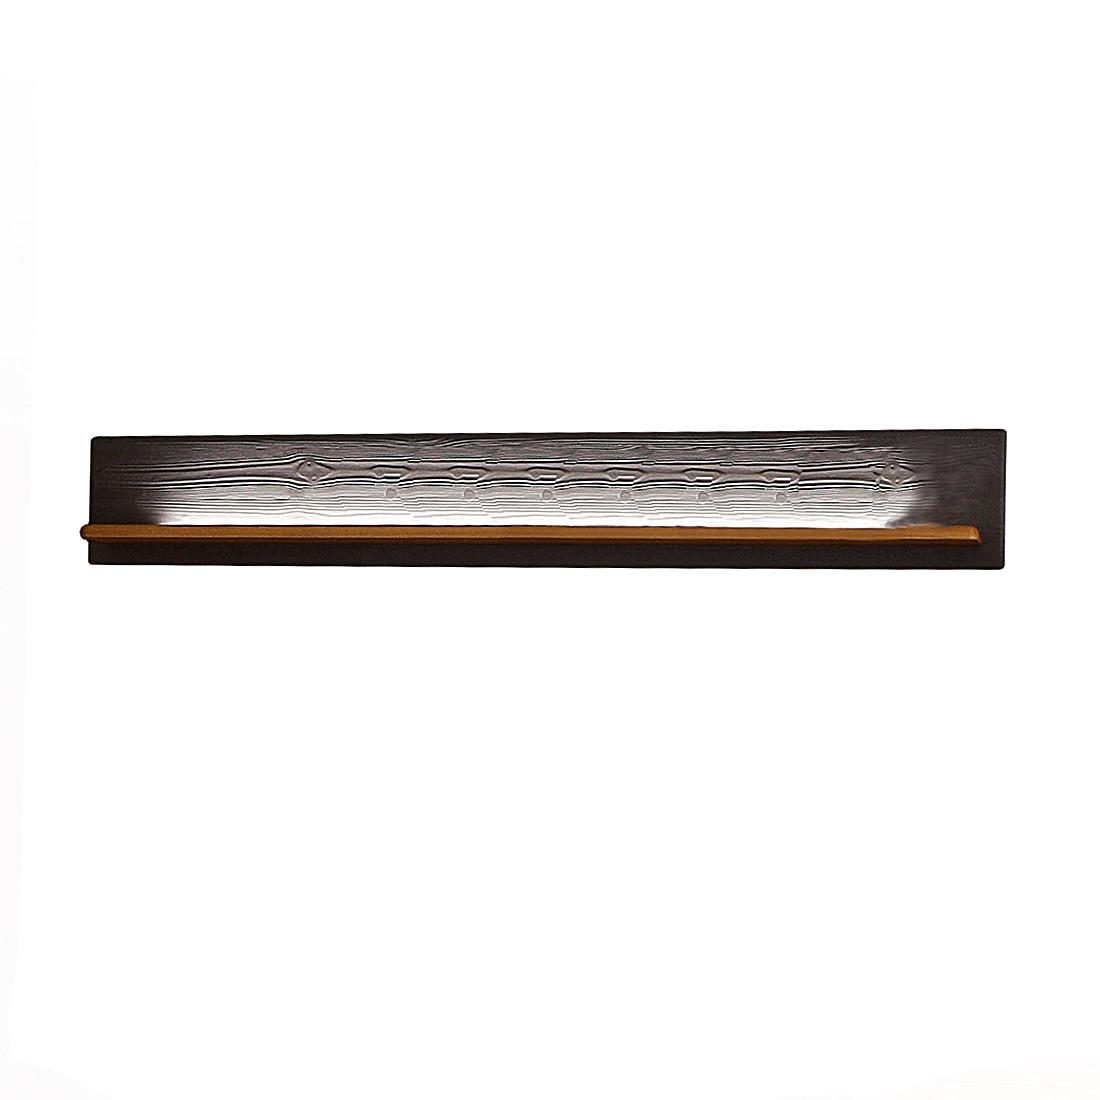 Wandboard Curve II – Erle massiv – 168 x 24 cm – Ohne Beleuchtung, Hartmann online kaufen